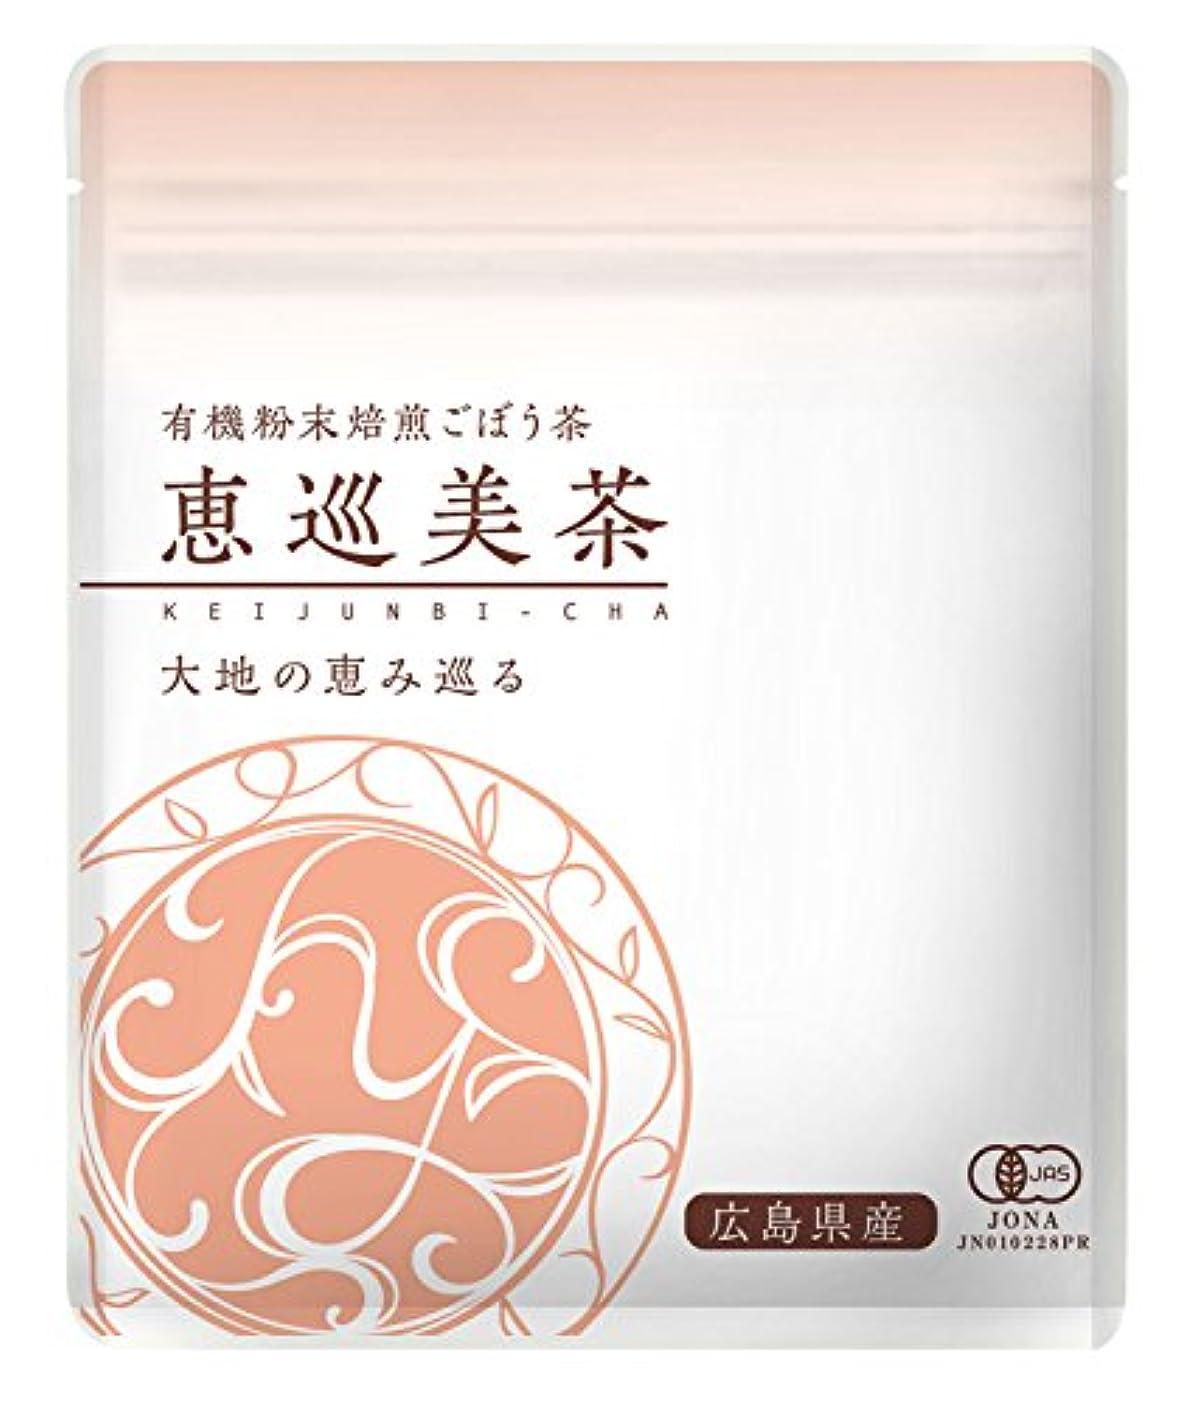 波紋底書き出すこだま食品 恵巡美茶有機粉末焙煎ごぼう茶 2g×15包 302037009